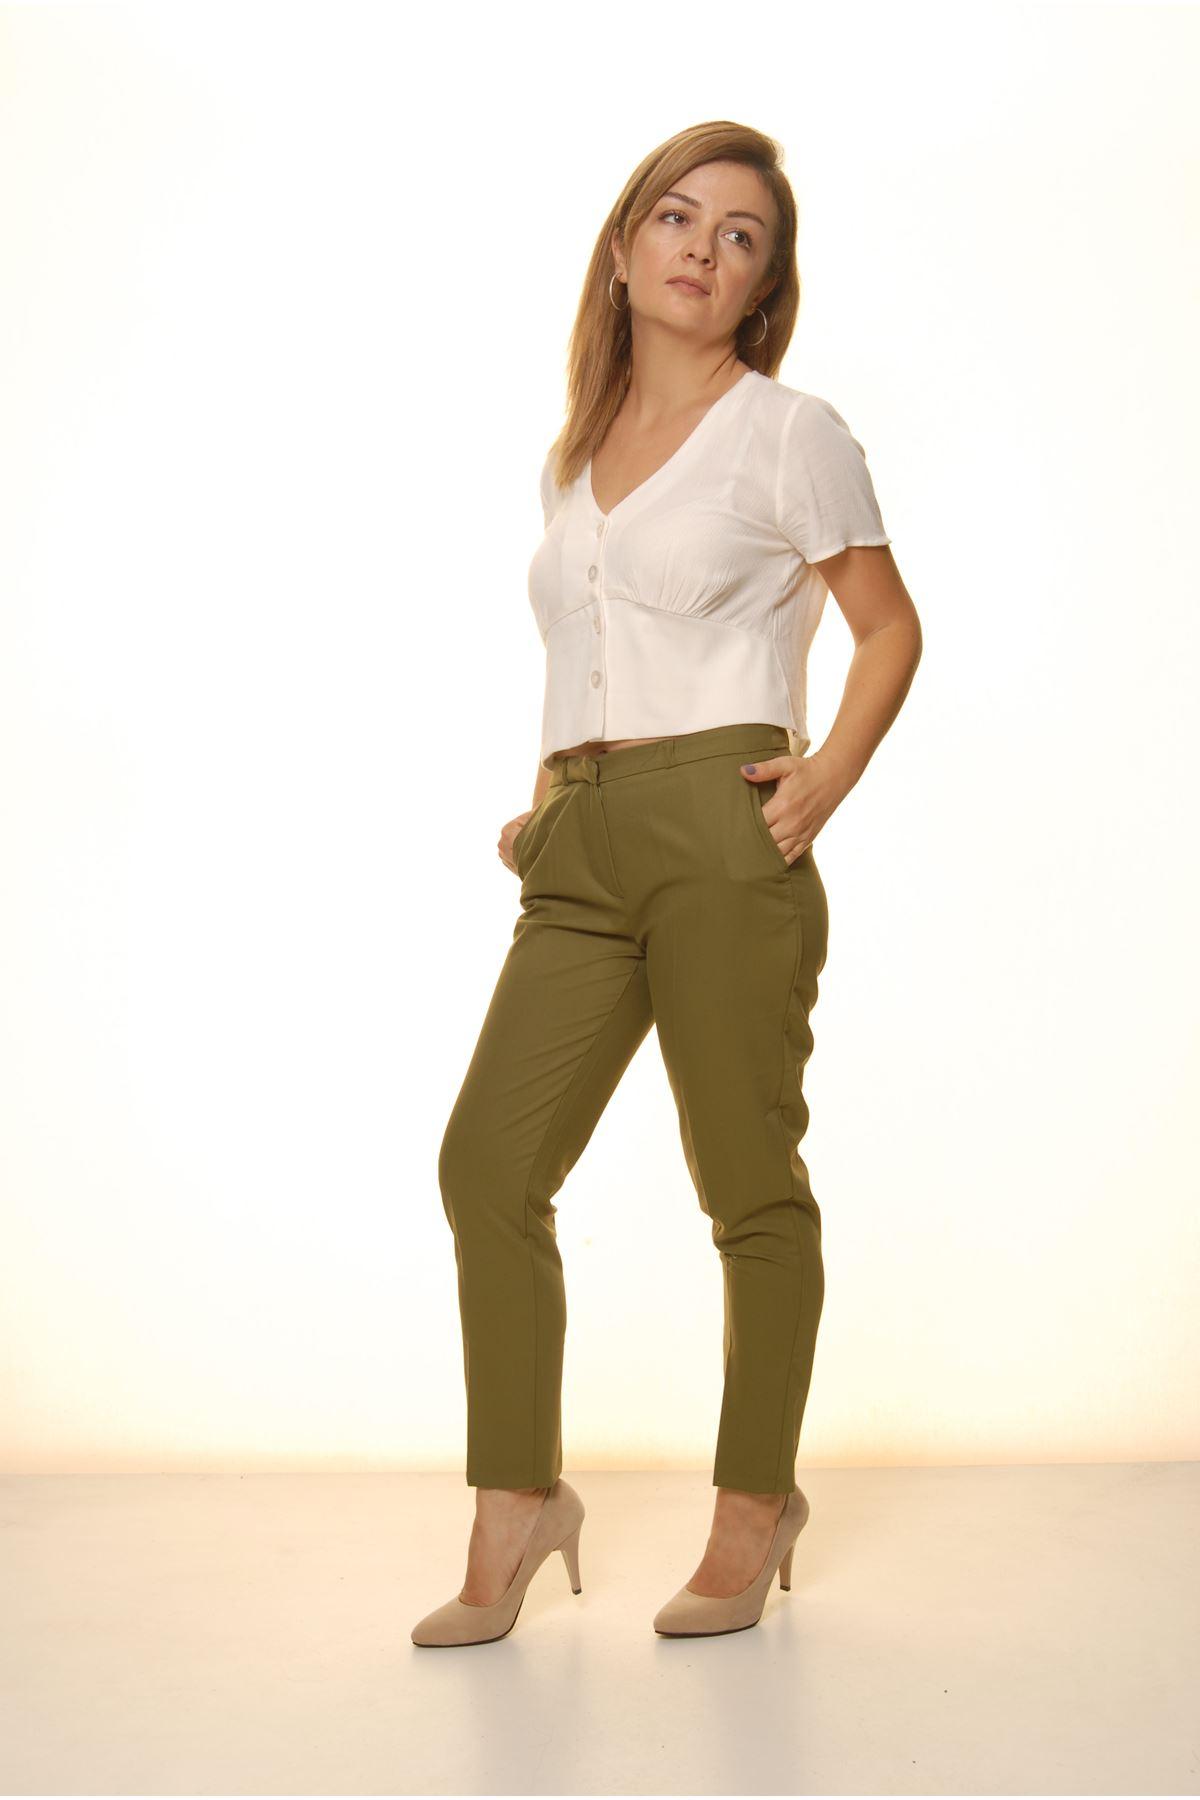 Kadın Haki Mevsimlik Yüksek Bel Kumaş Pantolon 16E-4049